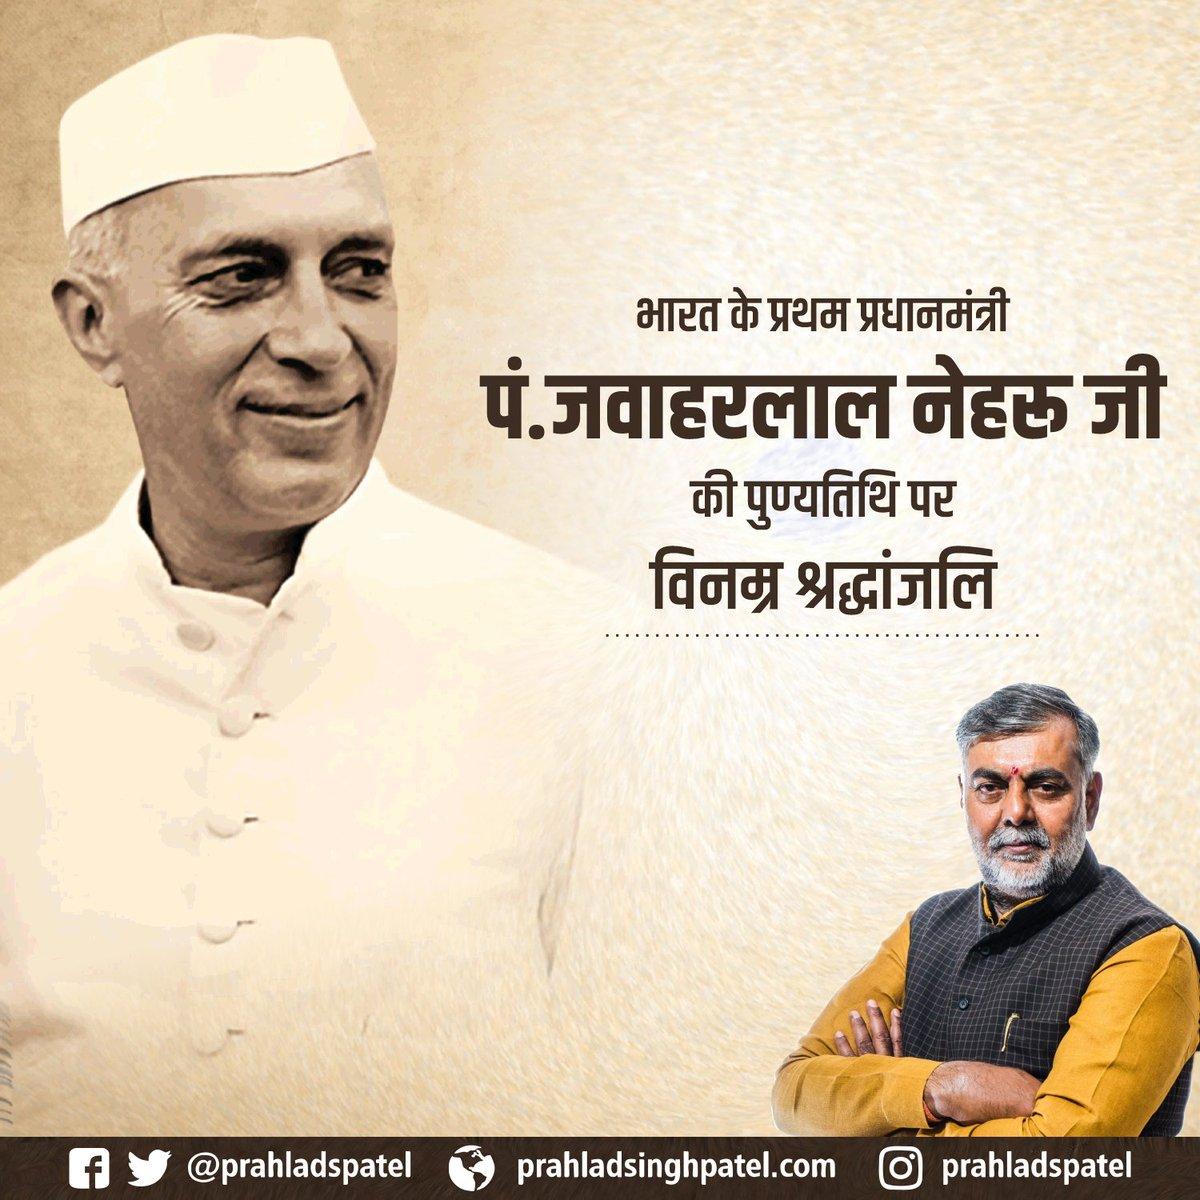 आज़ाद भारत के पहले प्रधानमंत्री पं. जवाहरलाल नेहरु जी की पुण्यतिथि पर उन्हें स्मरण कर नमन करता हूँ। My Tributes to #Indias First Prime Minister Pandit Jawaharlal Nehru Ji on his Death Anniversary. - Shri @prahladspatel #Bharat #Damoh